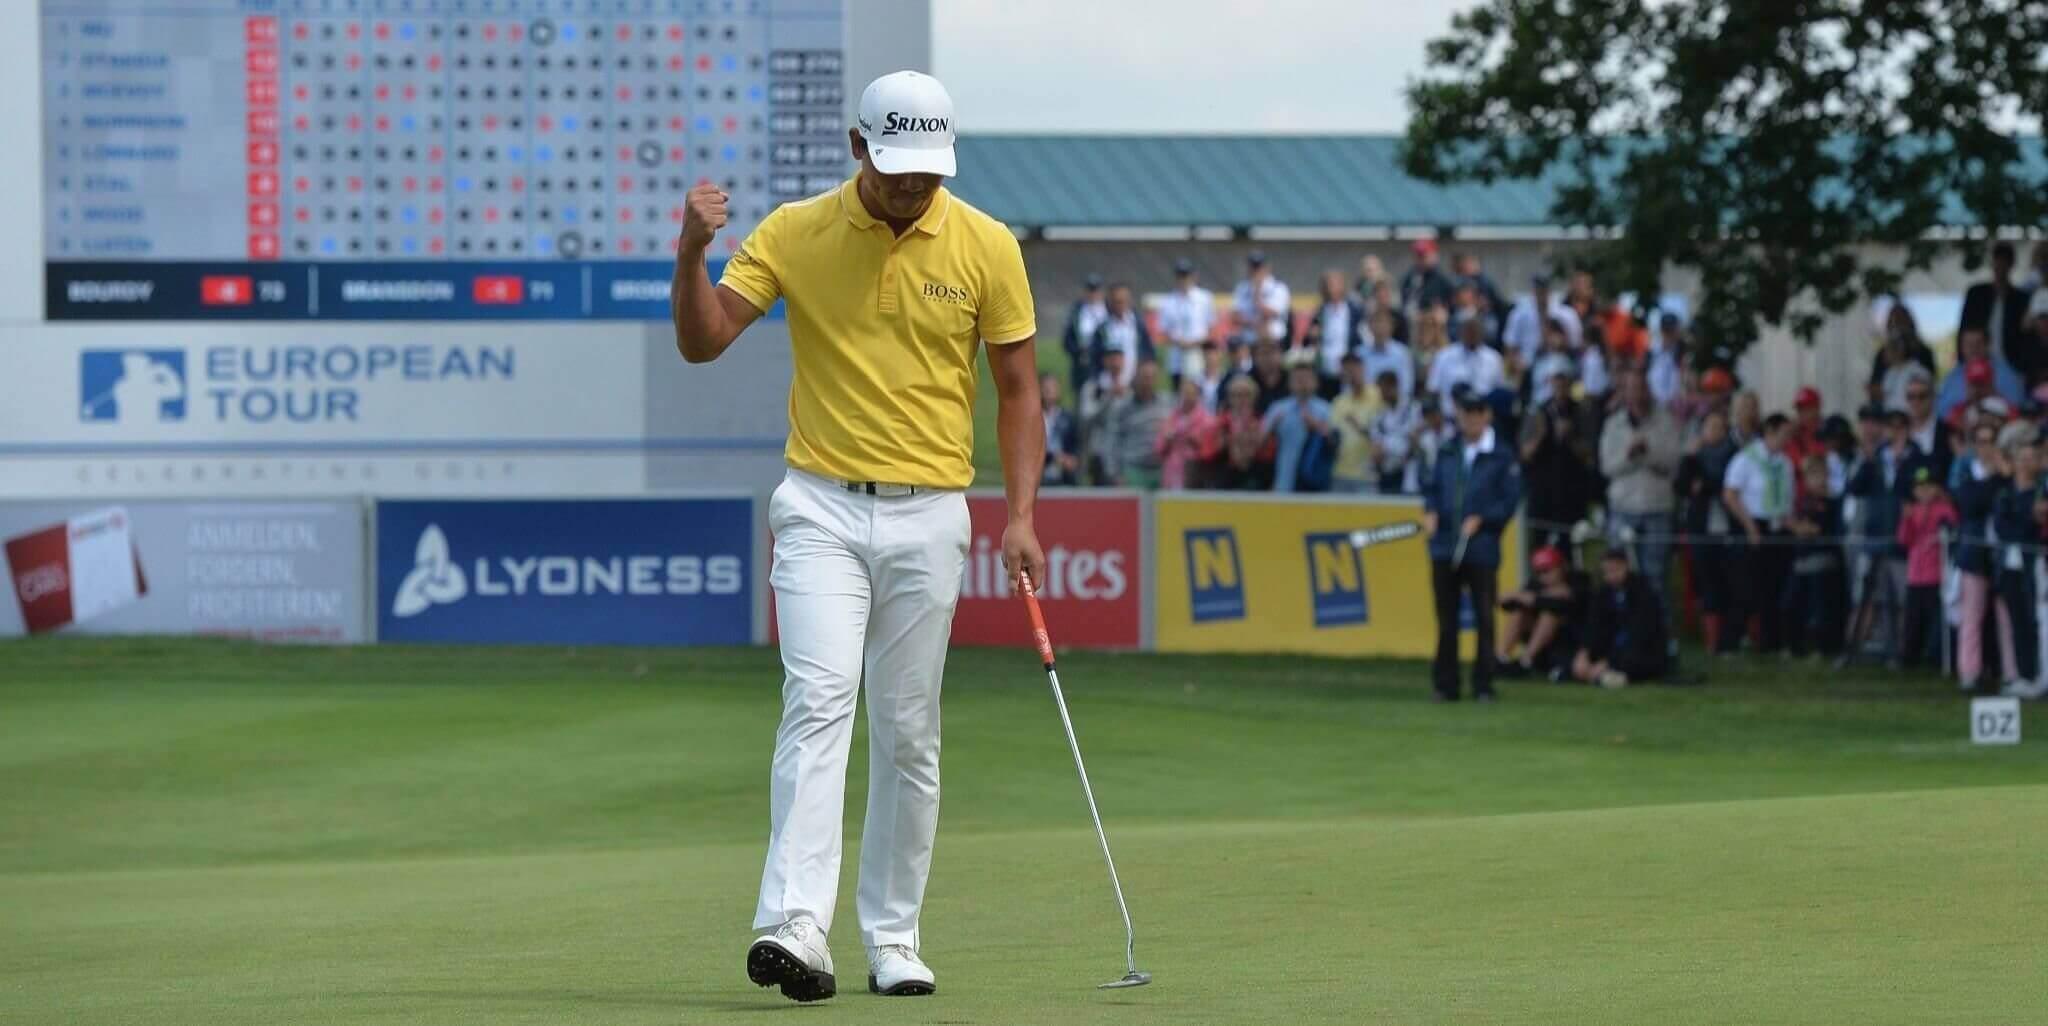 Golfnyheter-SkySport - Europatouren